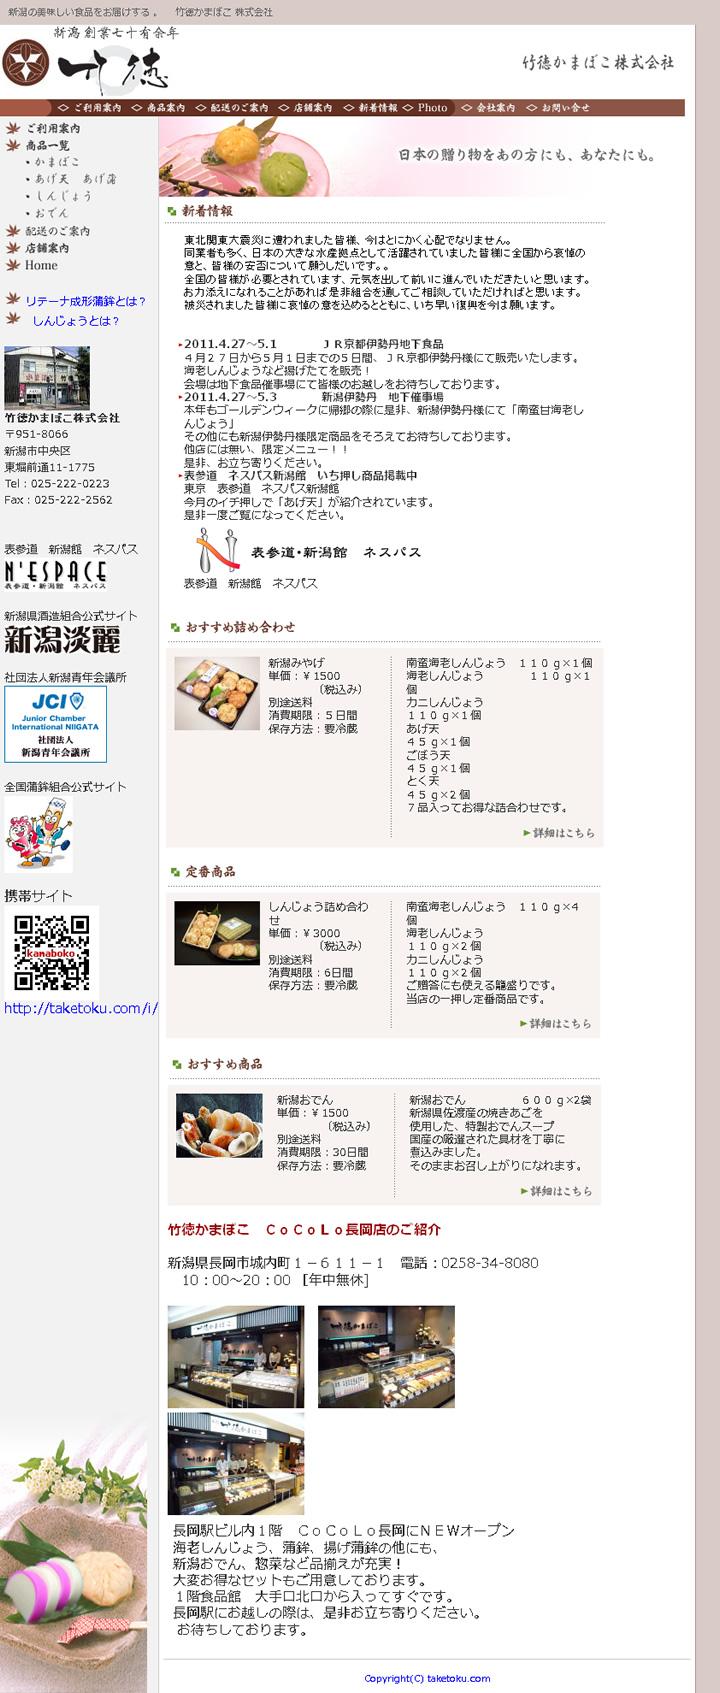 竹徳かまぼこホームページ